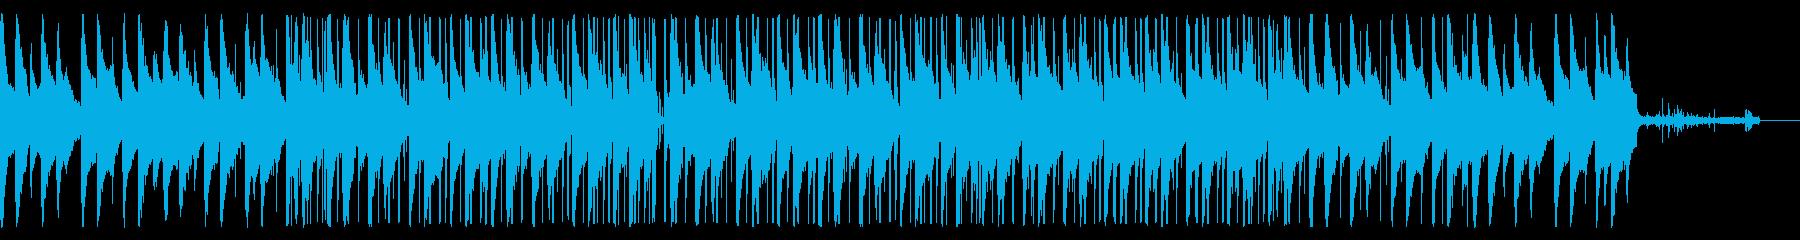 リラックスしたLoFiビートの再生済みの波形